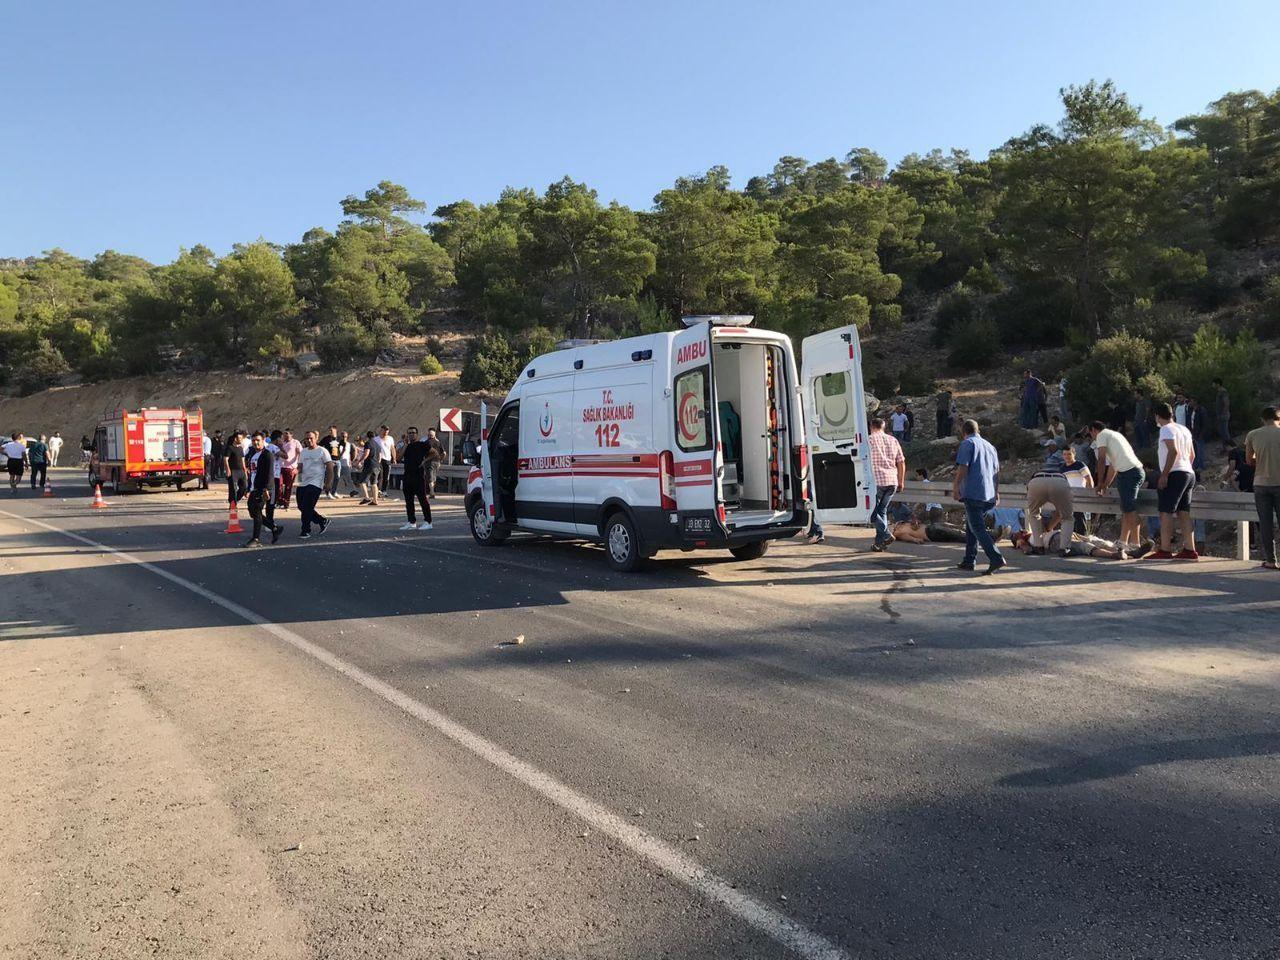 Mersin'de asker taşıyan otobüs devrildi: 4 şehit #2